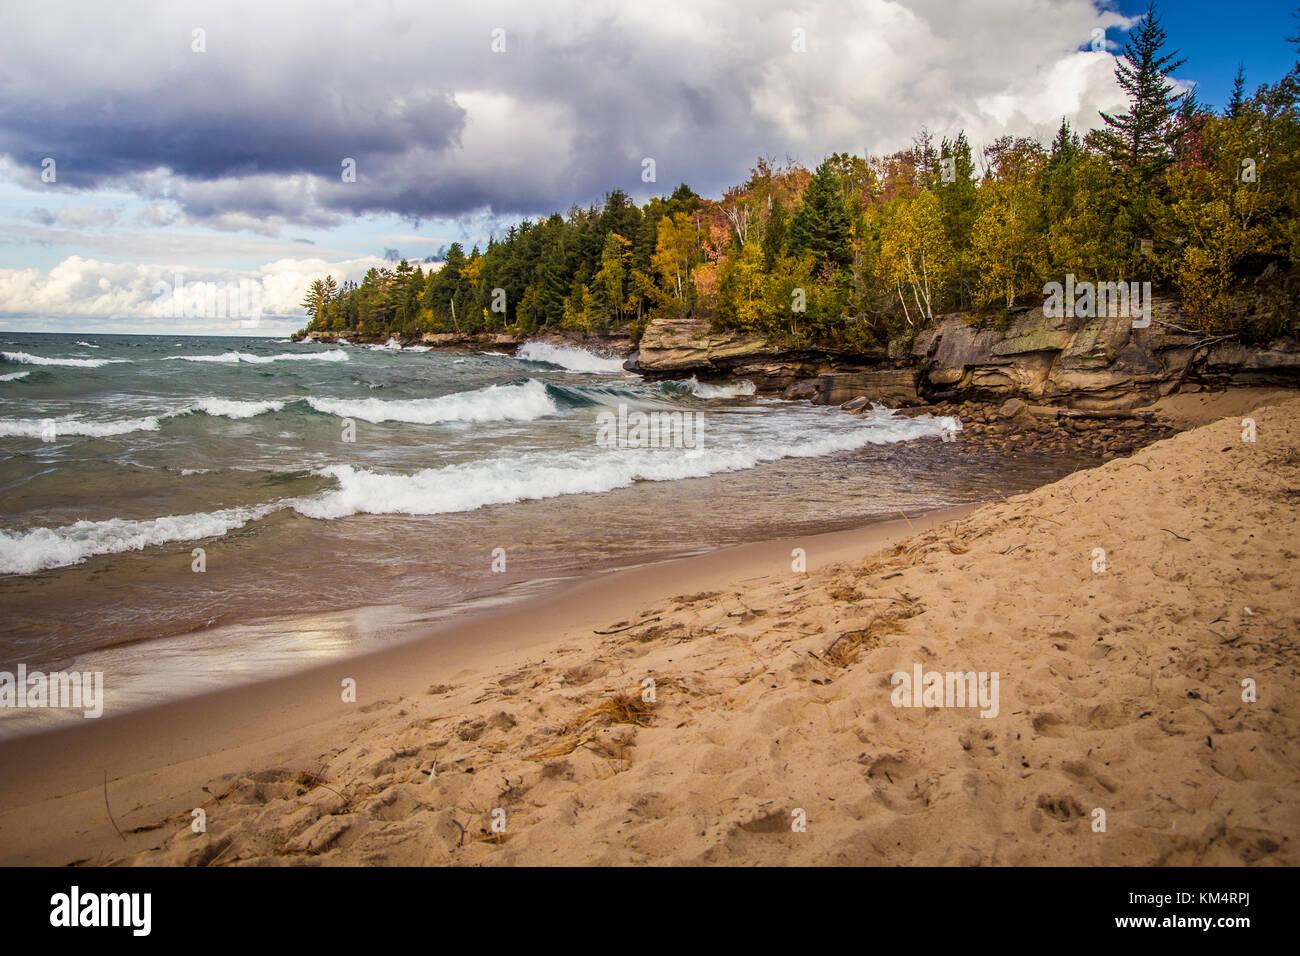 Die dargestellten Felsen National Lakeshore. Die wilde und zerklüftete Küste von Lake Superior entlang Stockbild